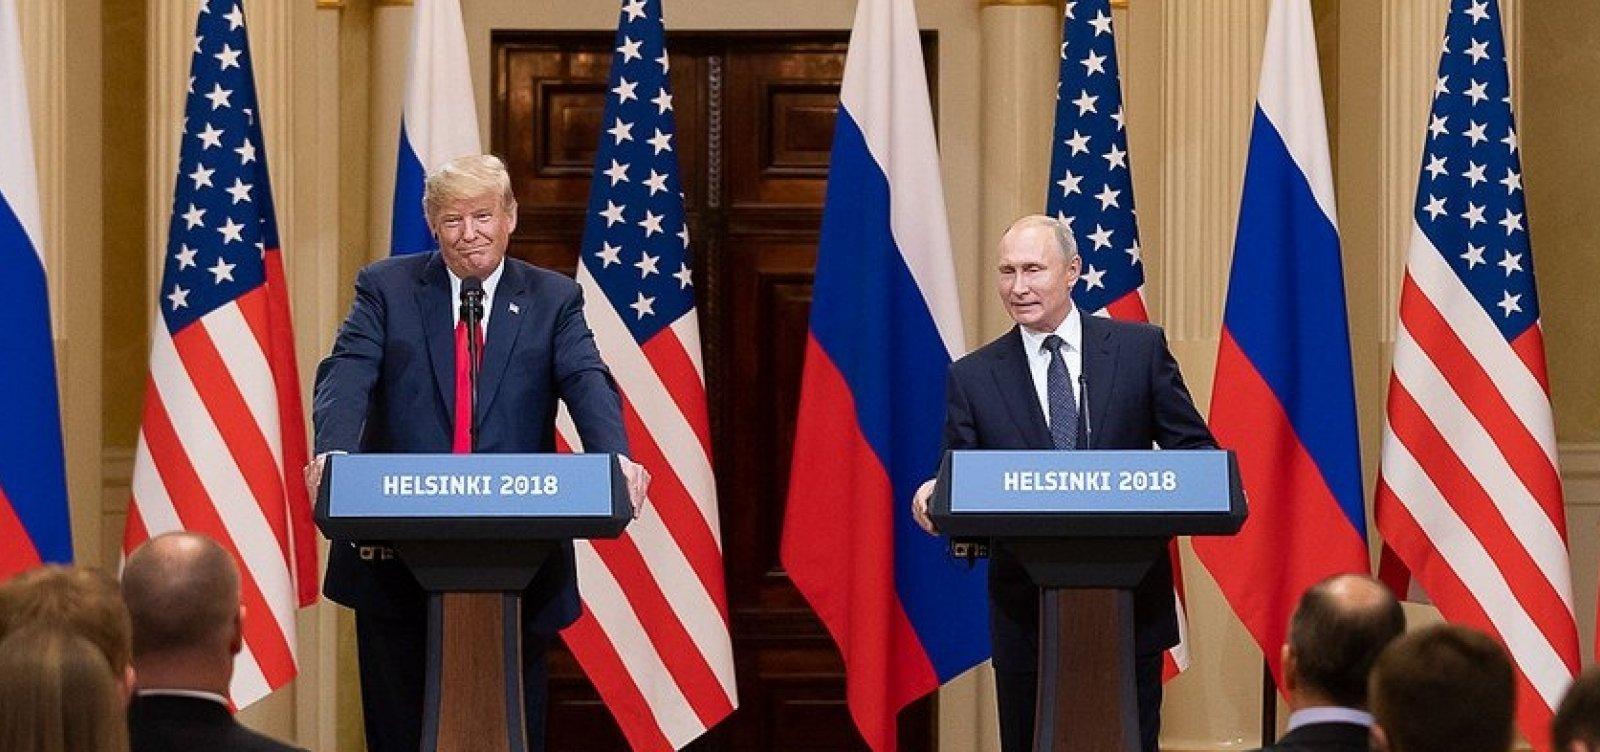 Putin 'provavelmente' está envolvido com assassinatos e envenenamentos, diz Trump